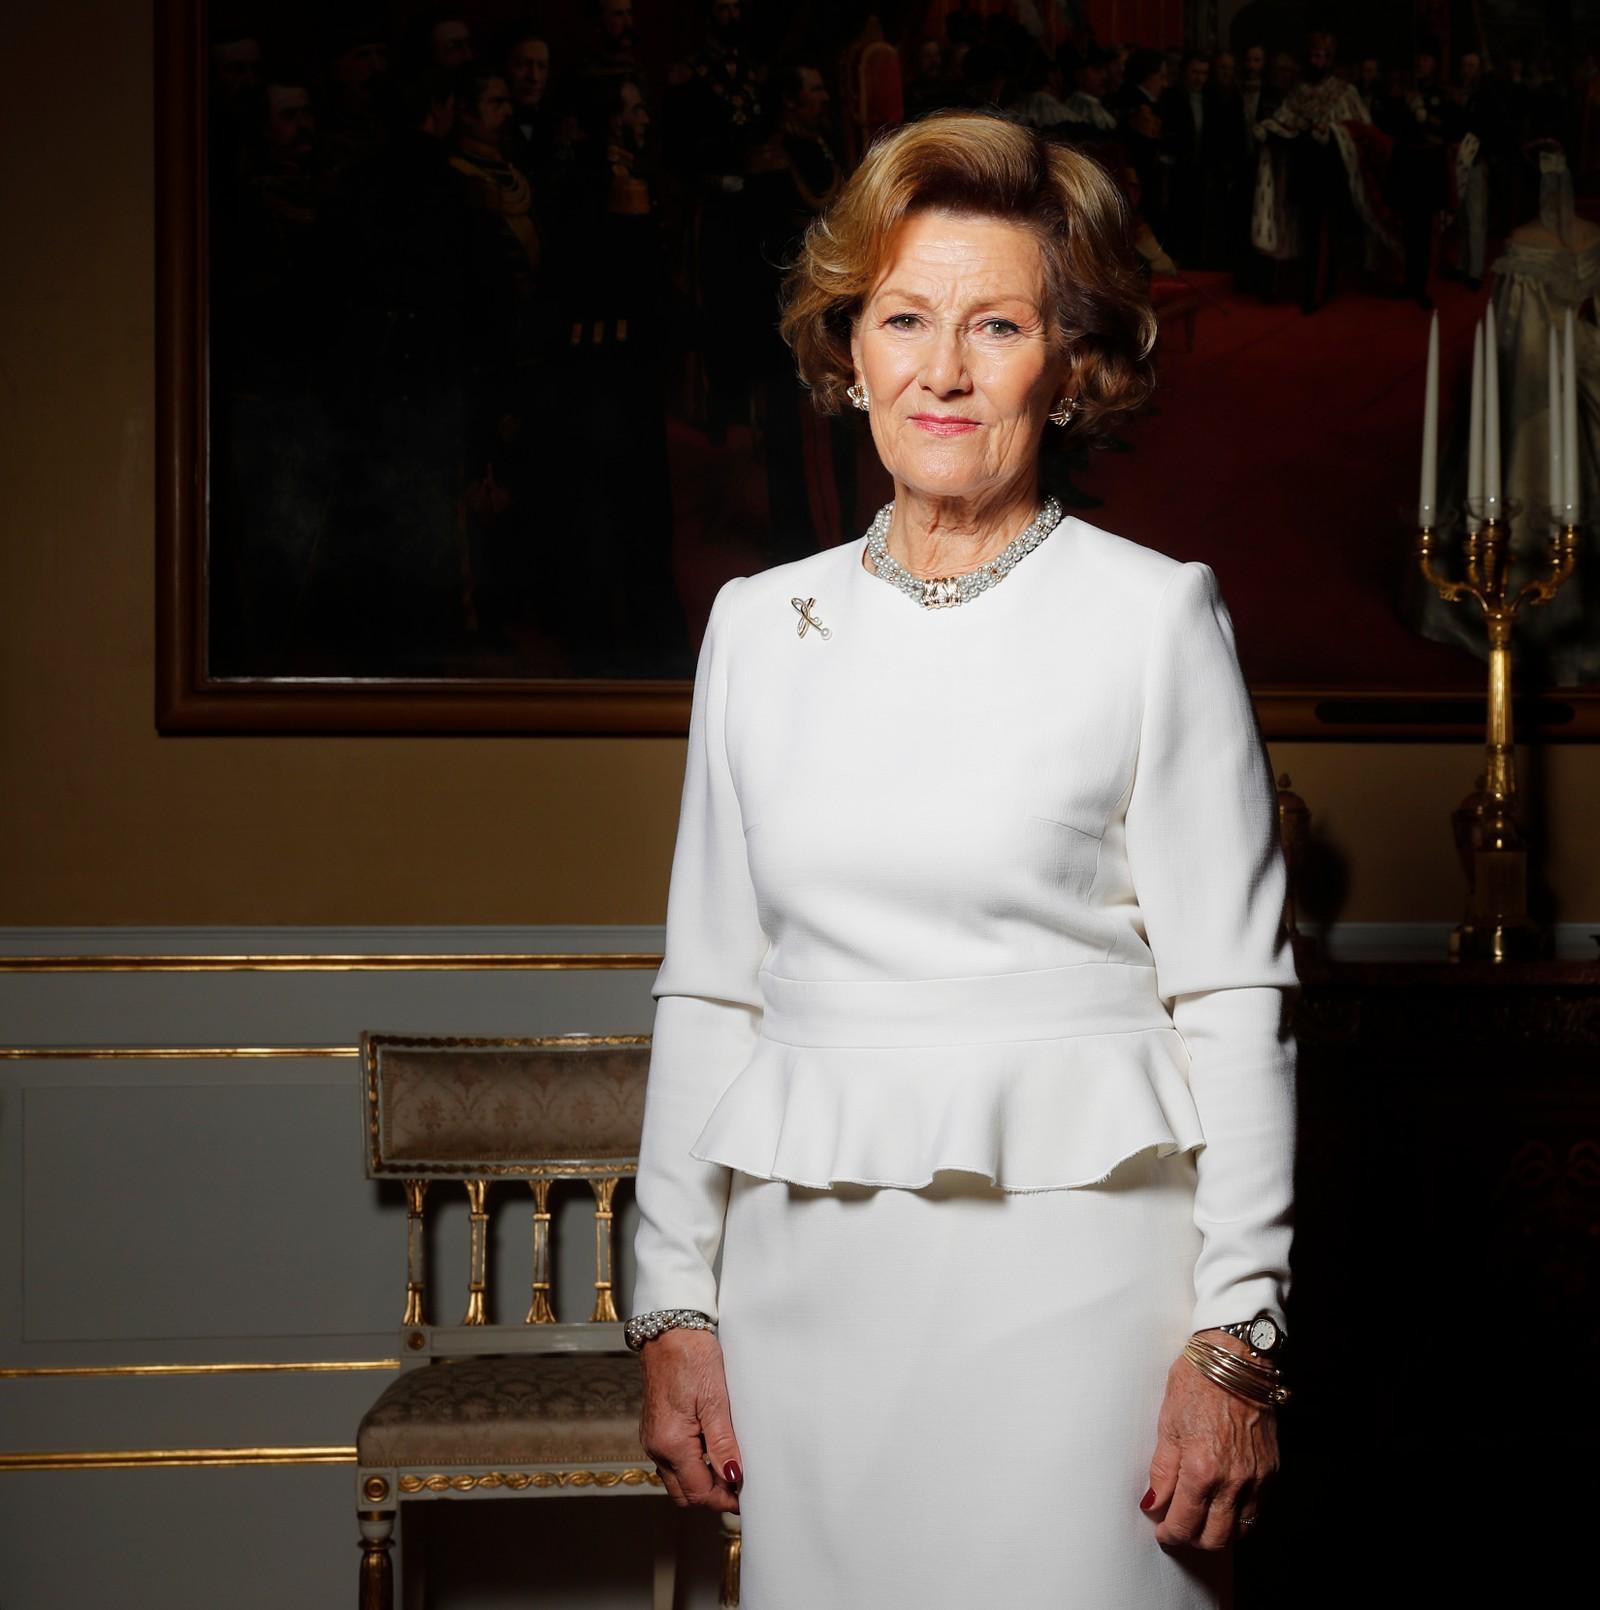 Kong Harald og dronning Sonja 80 år. Oslo 20161017. Kong Harald og dronning Sonja 80 år. I anledning kongeparets 80-års bursdager er kongefamilien fotografert i den hvite salong på Slottet i Oslo. Dronning Sonja. Foto: Lise Åserud / NTB scanpix